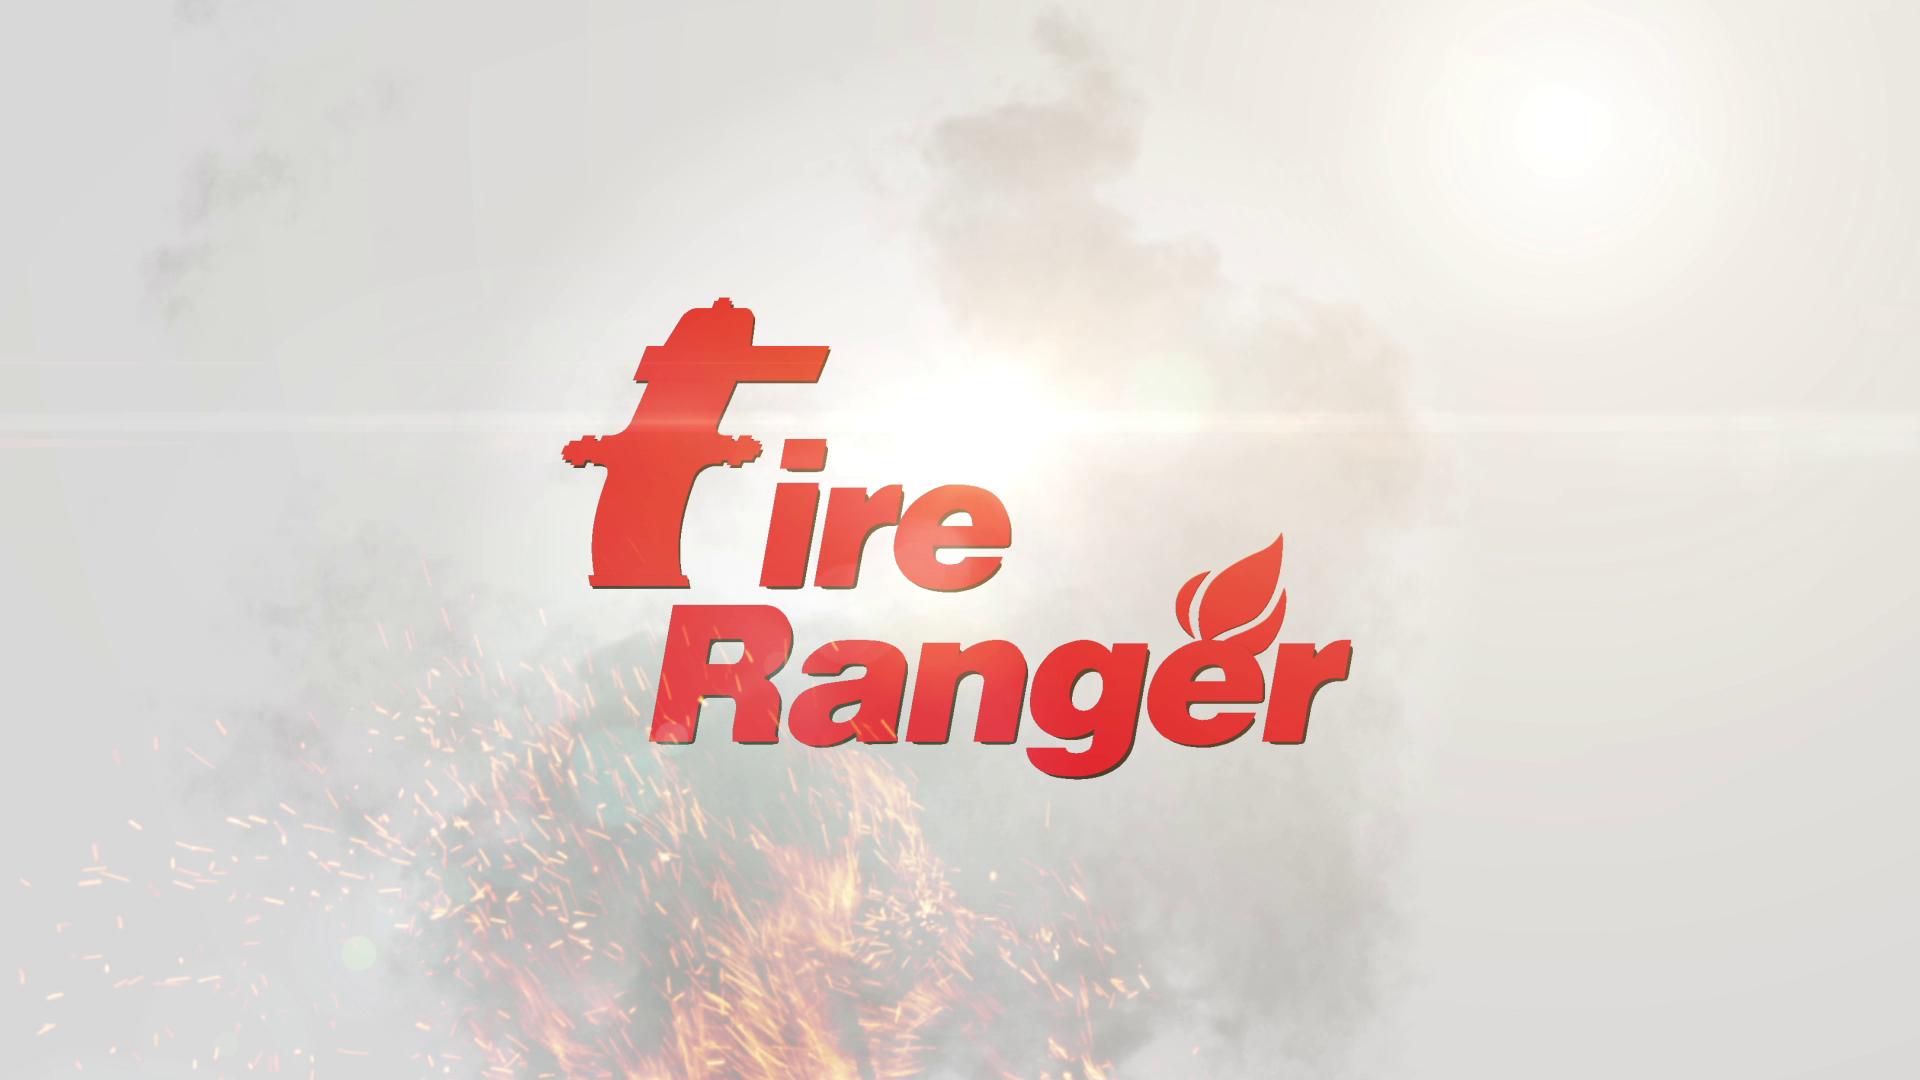 FireRanger Commercial Title FX